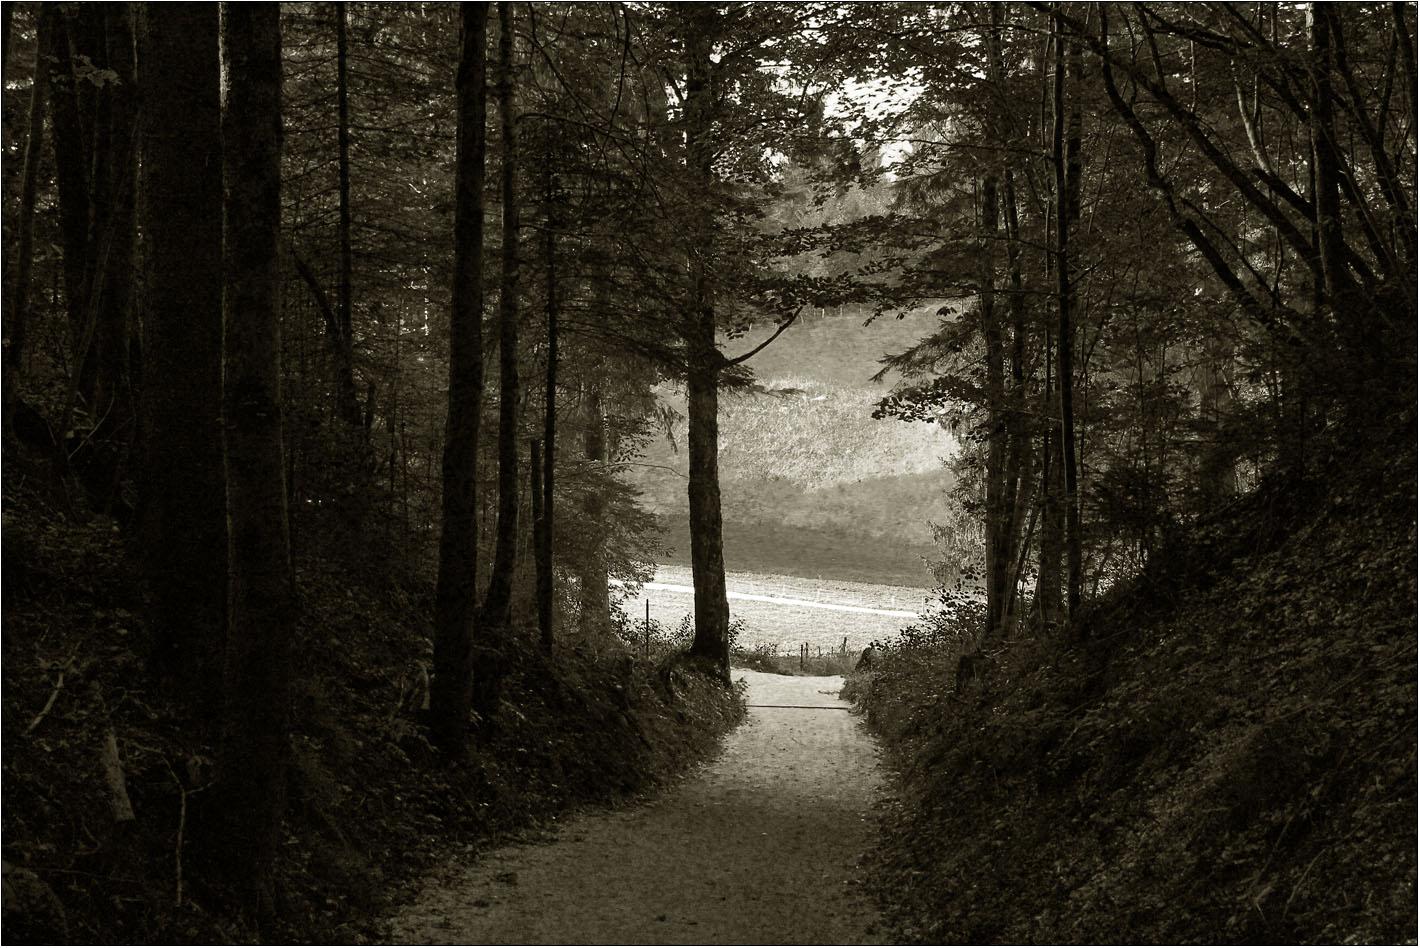 ... und dann öffnete sich der dunkle Wald ...